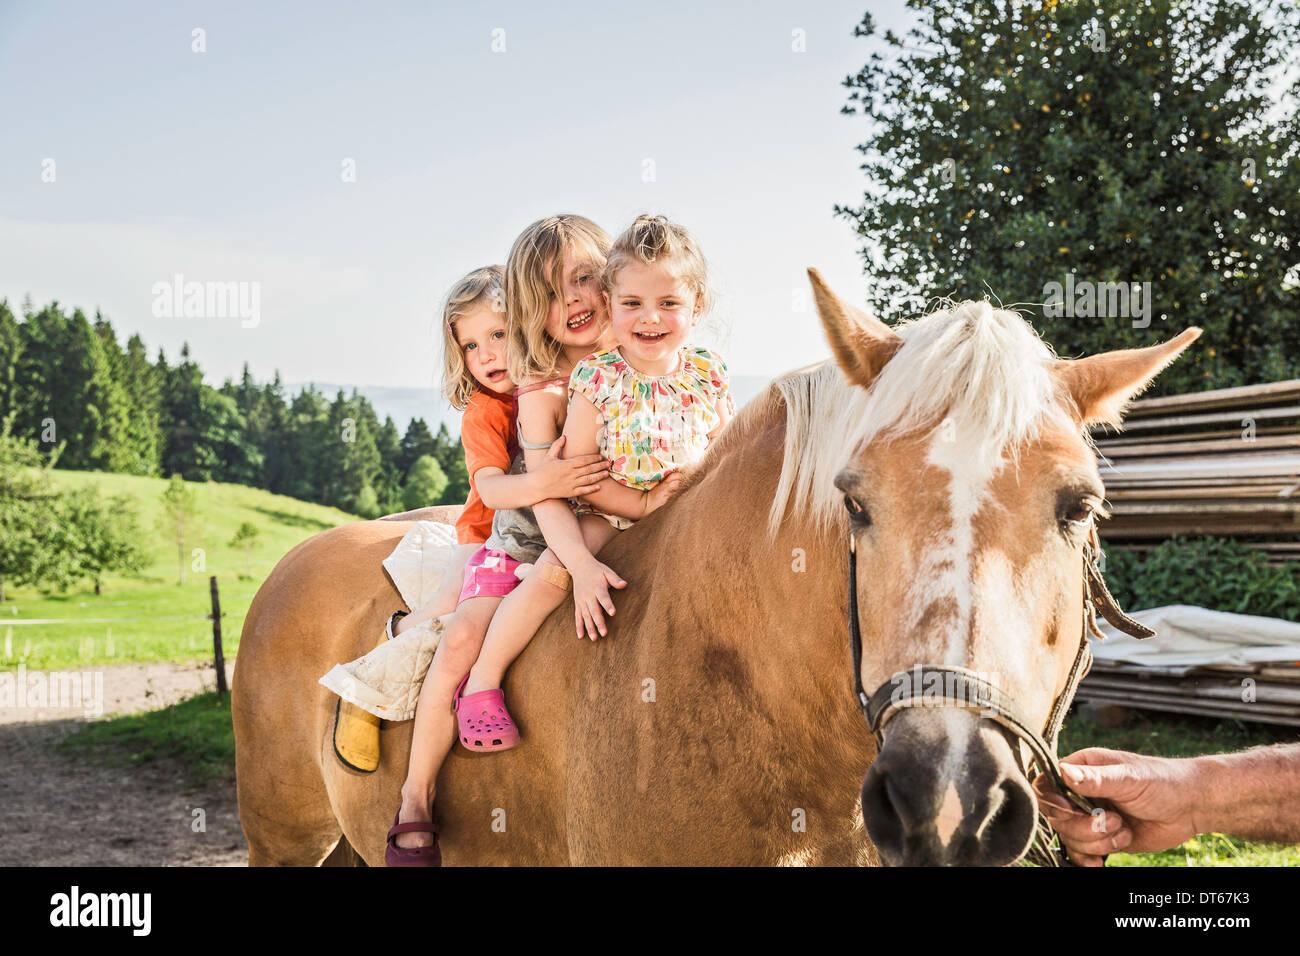 Tres jóvenes sentados en el caballo palomino Foto de stock